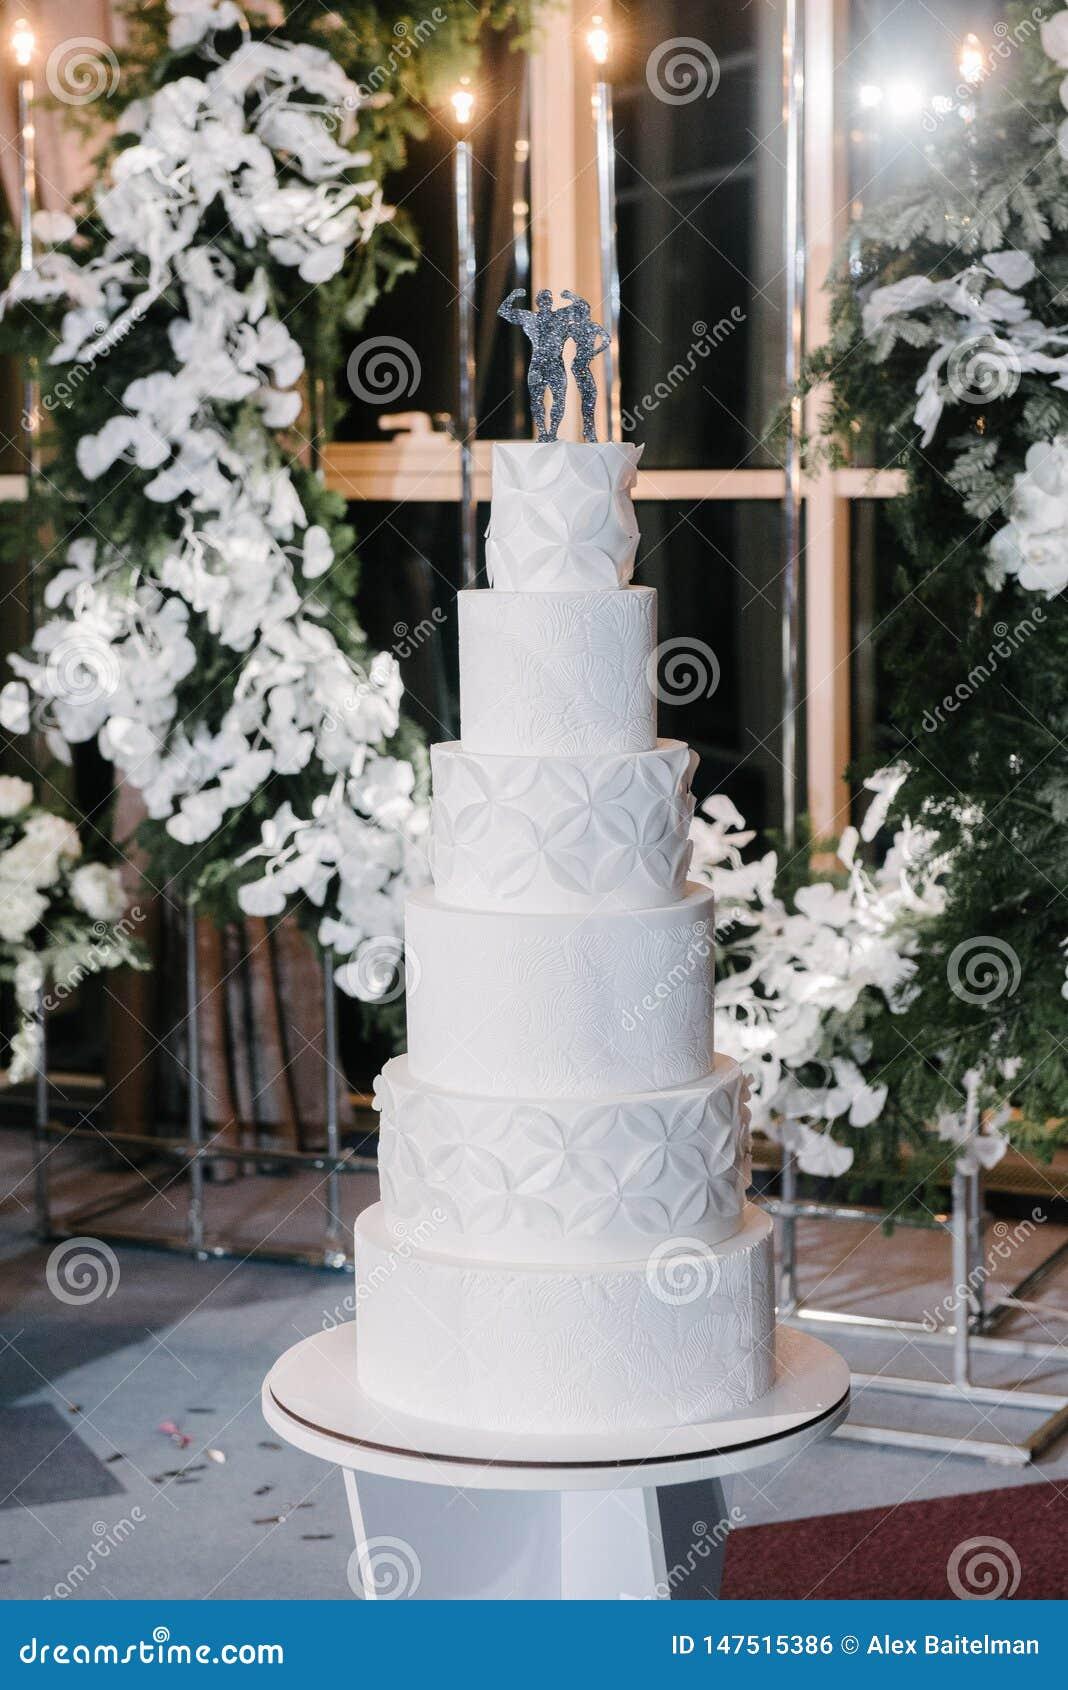 Castle Wedding Cake.Large White Wedding Cake With Castle Shaped Towers Stock Photo